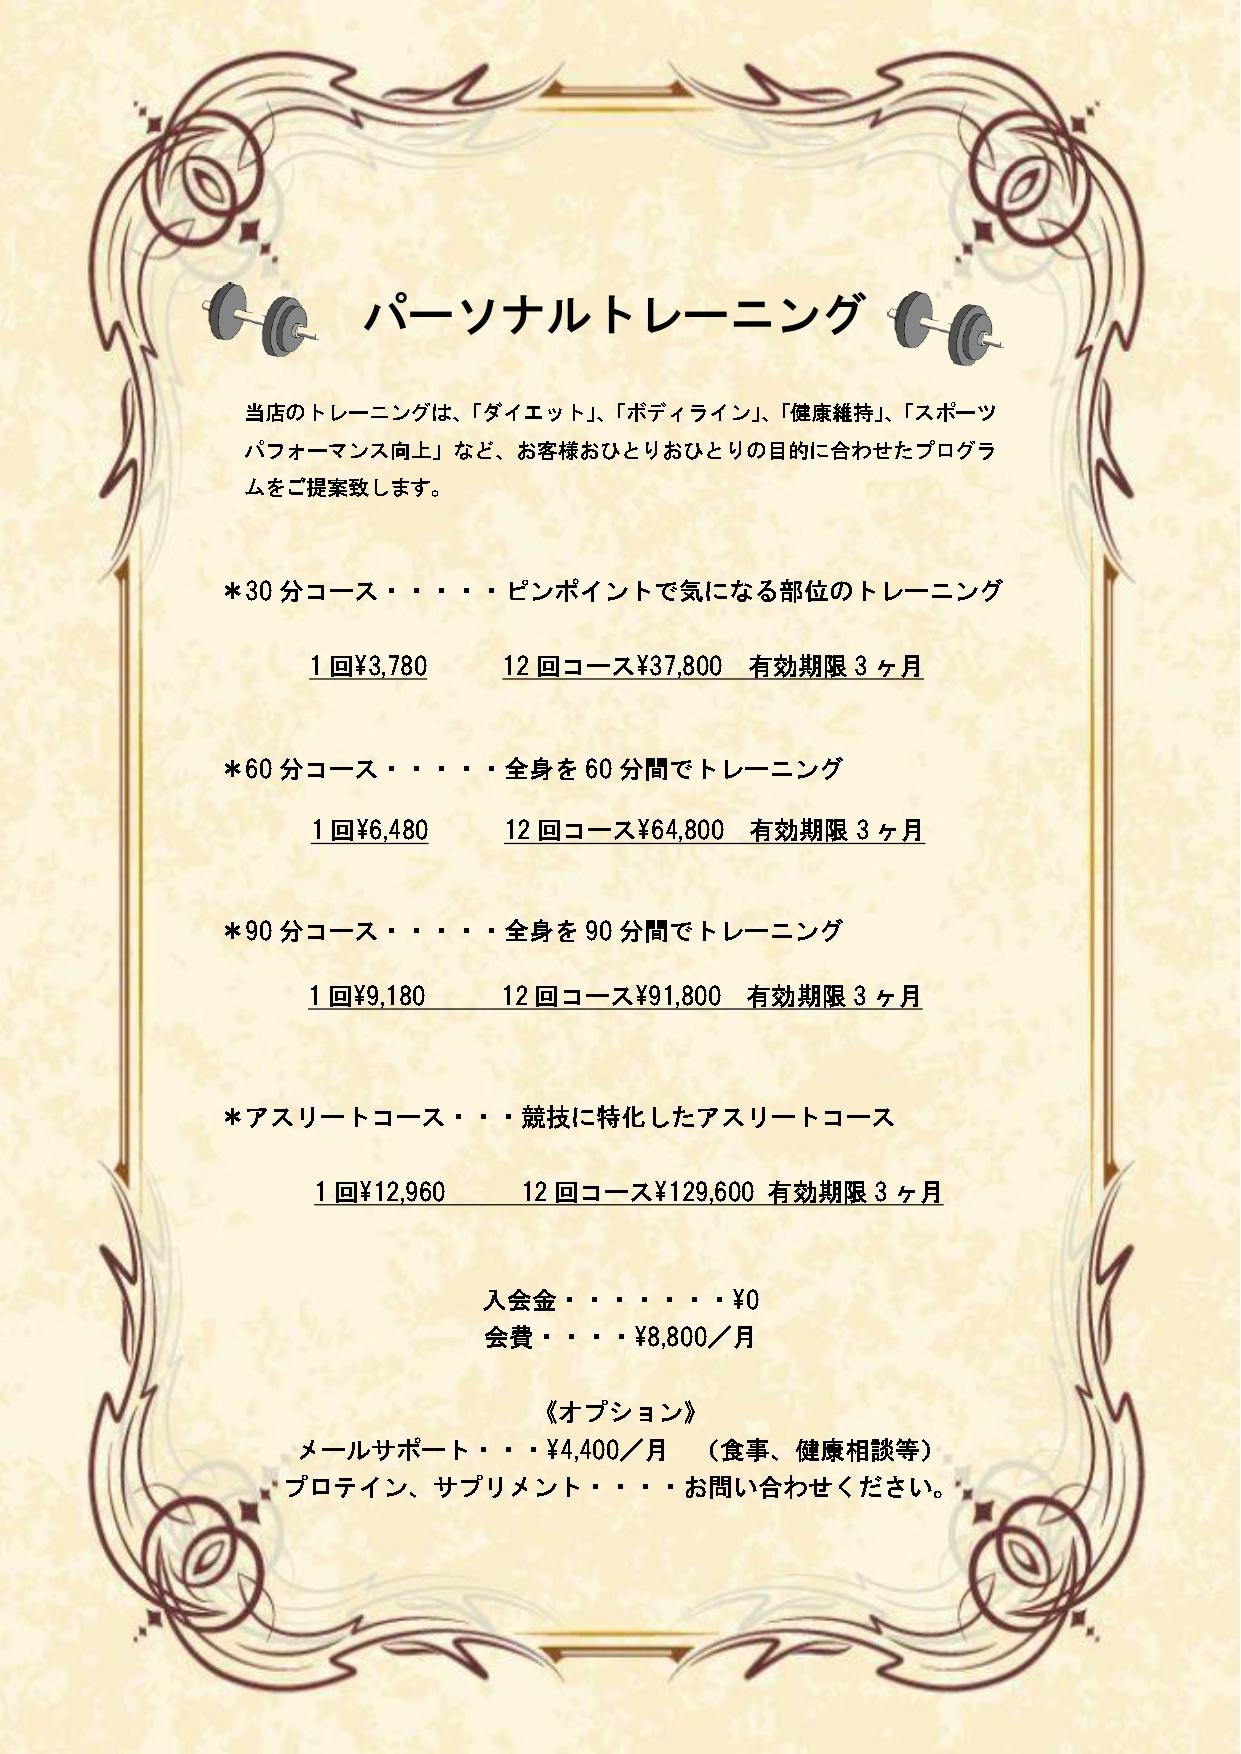 トレーニングメニュー表_page-0001